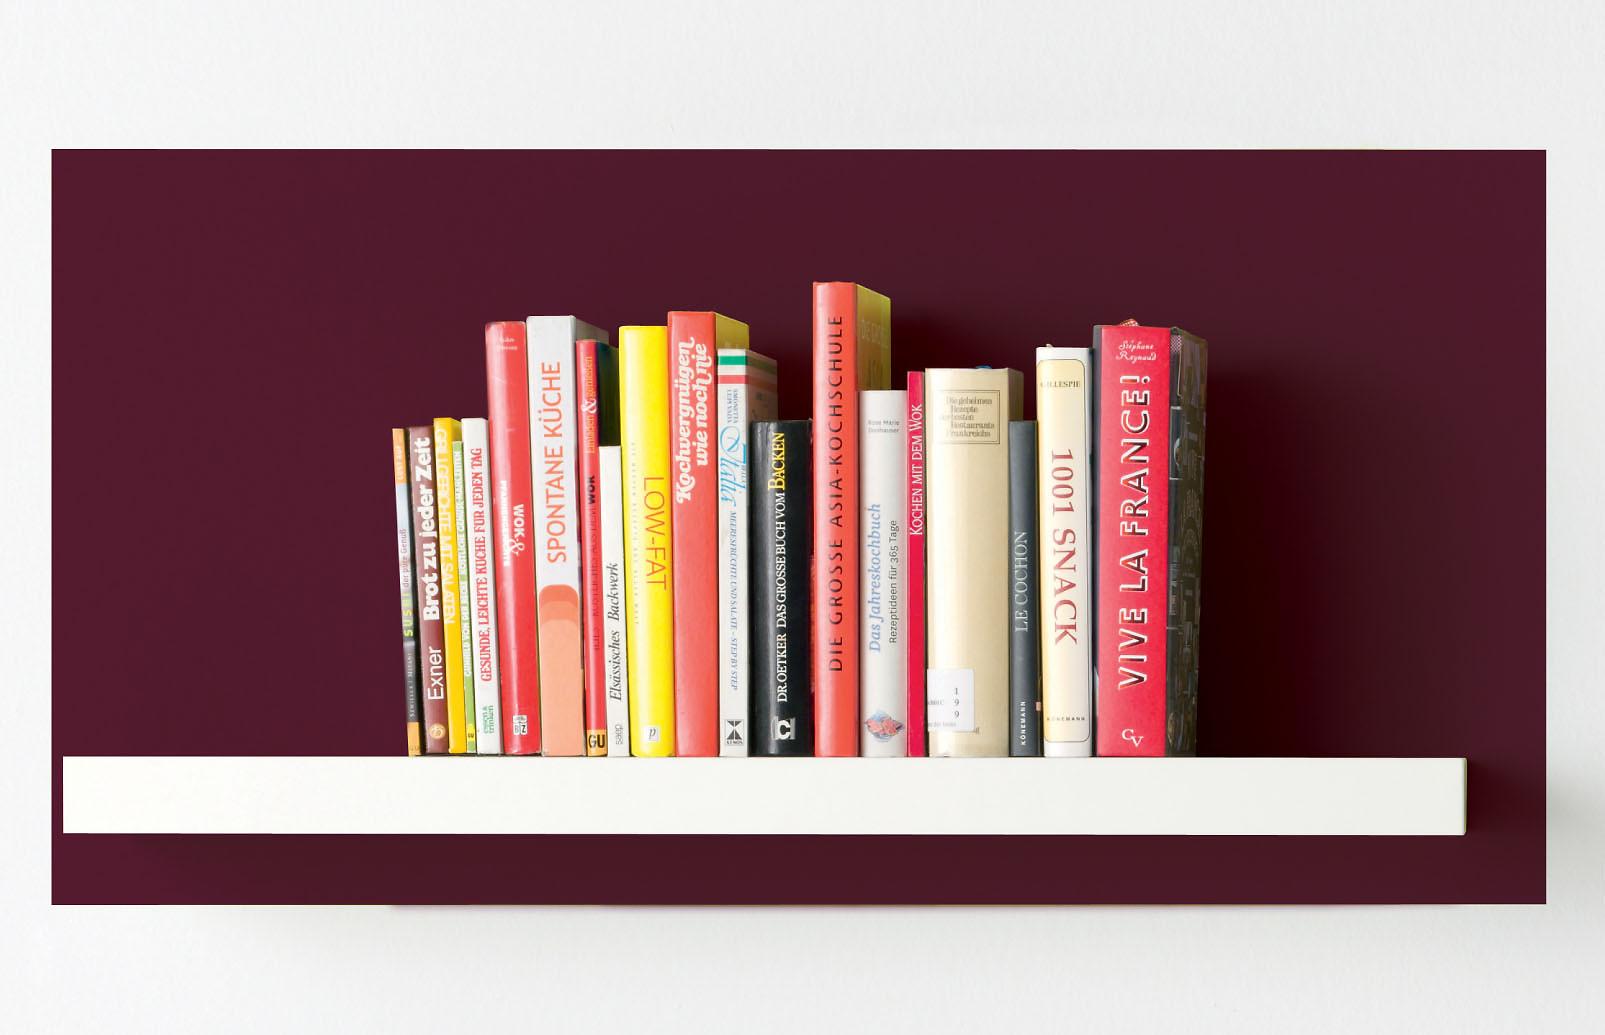 Unglaublich Farbe Beere Ideen Von Violett, Beere: Alpina Color Berry Red -